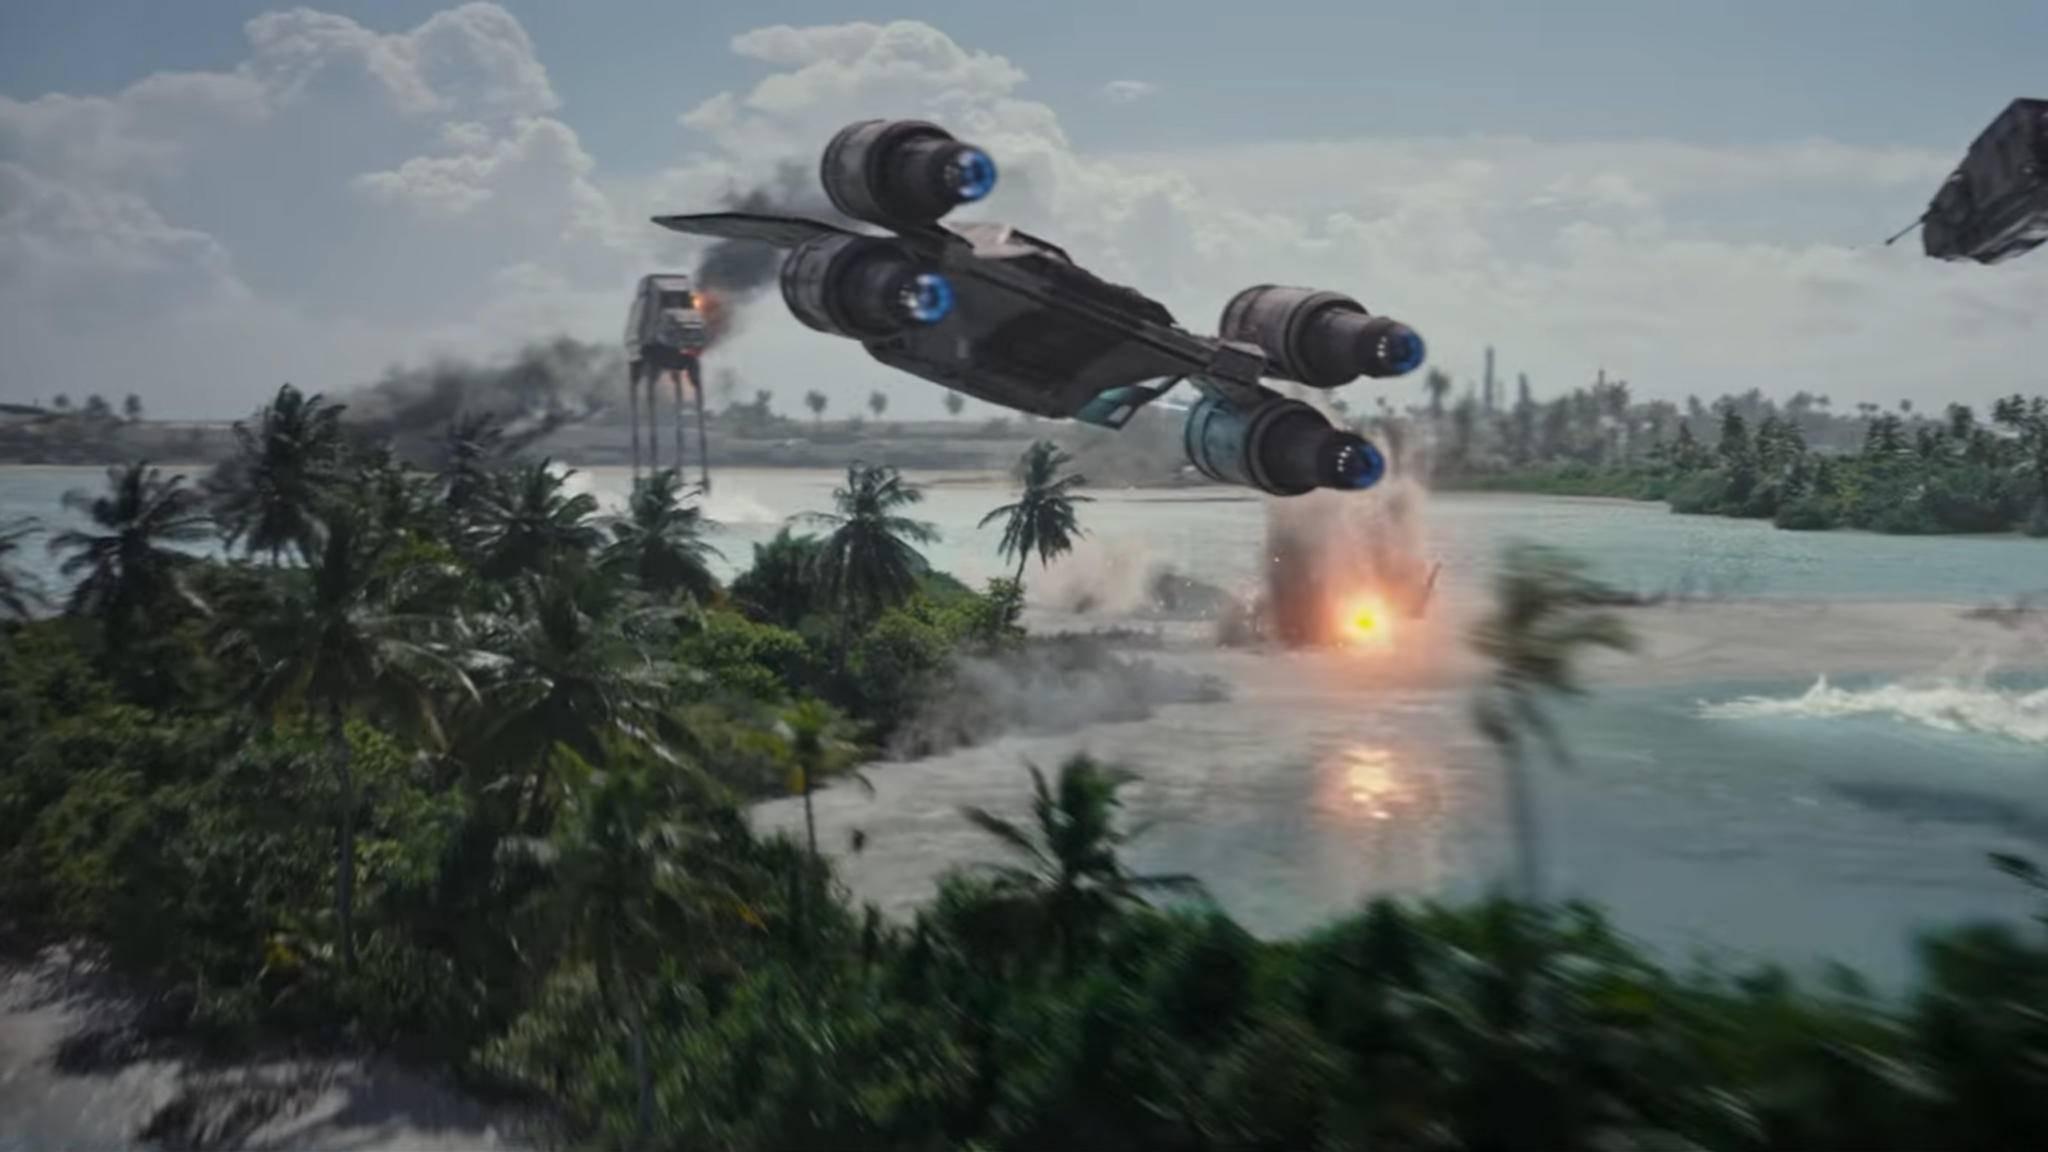 """Mit dem Raumschiff unterwegs? Für Uber-Nutzer wird dieser """"Star Wars""""-Traum wahr – zumindest in der App."""